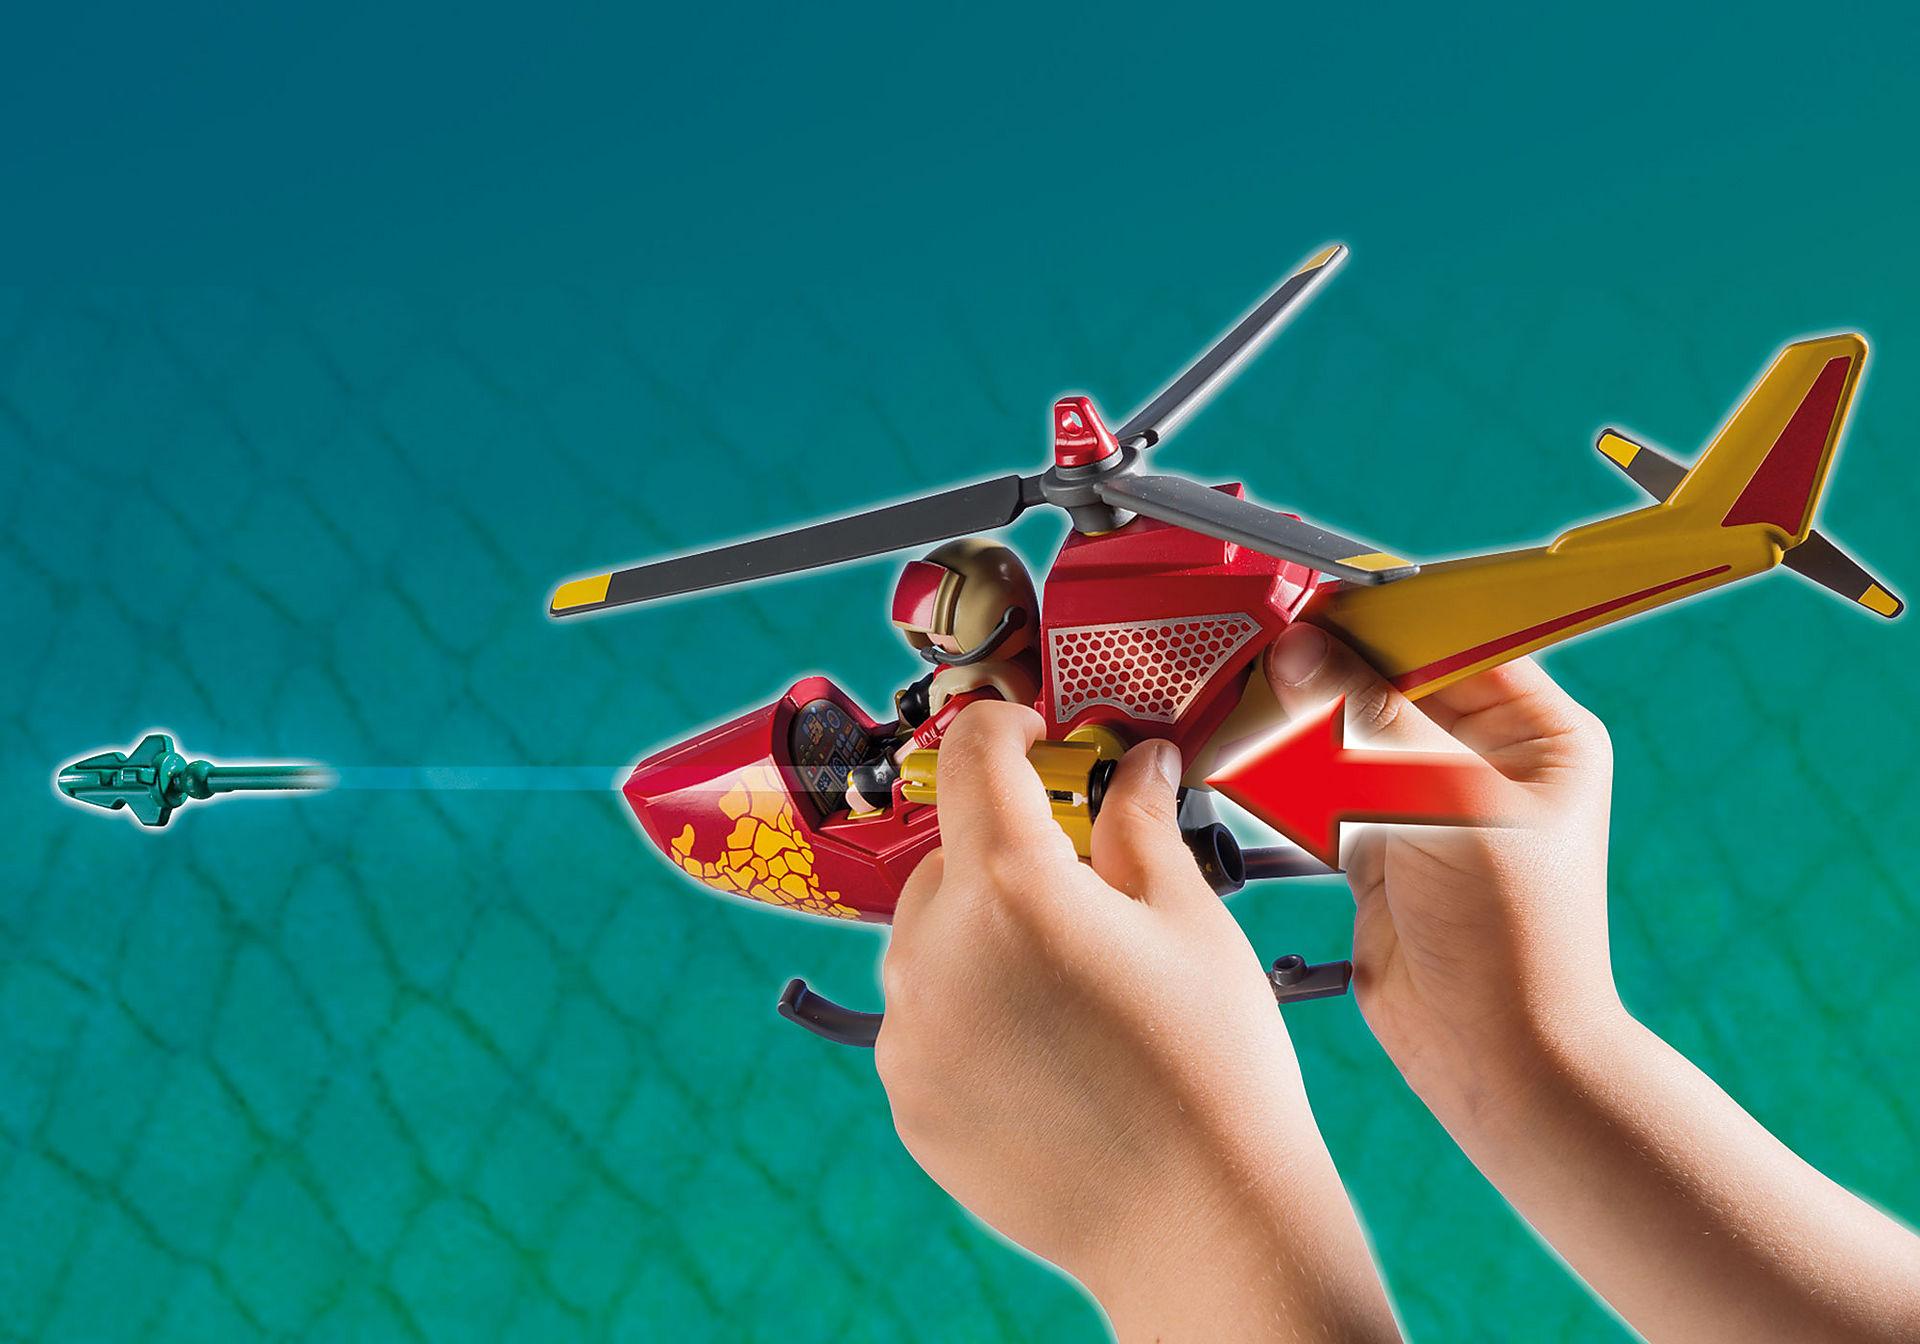 9430 Ελικόπτερο και Πτεροδάκτυλος zoom image6